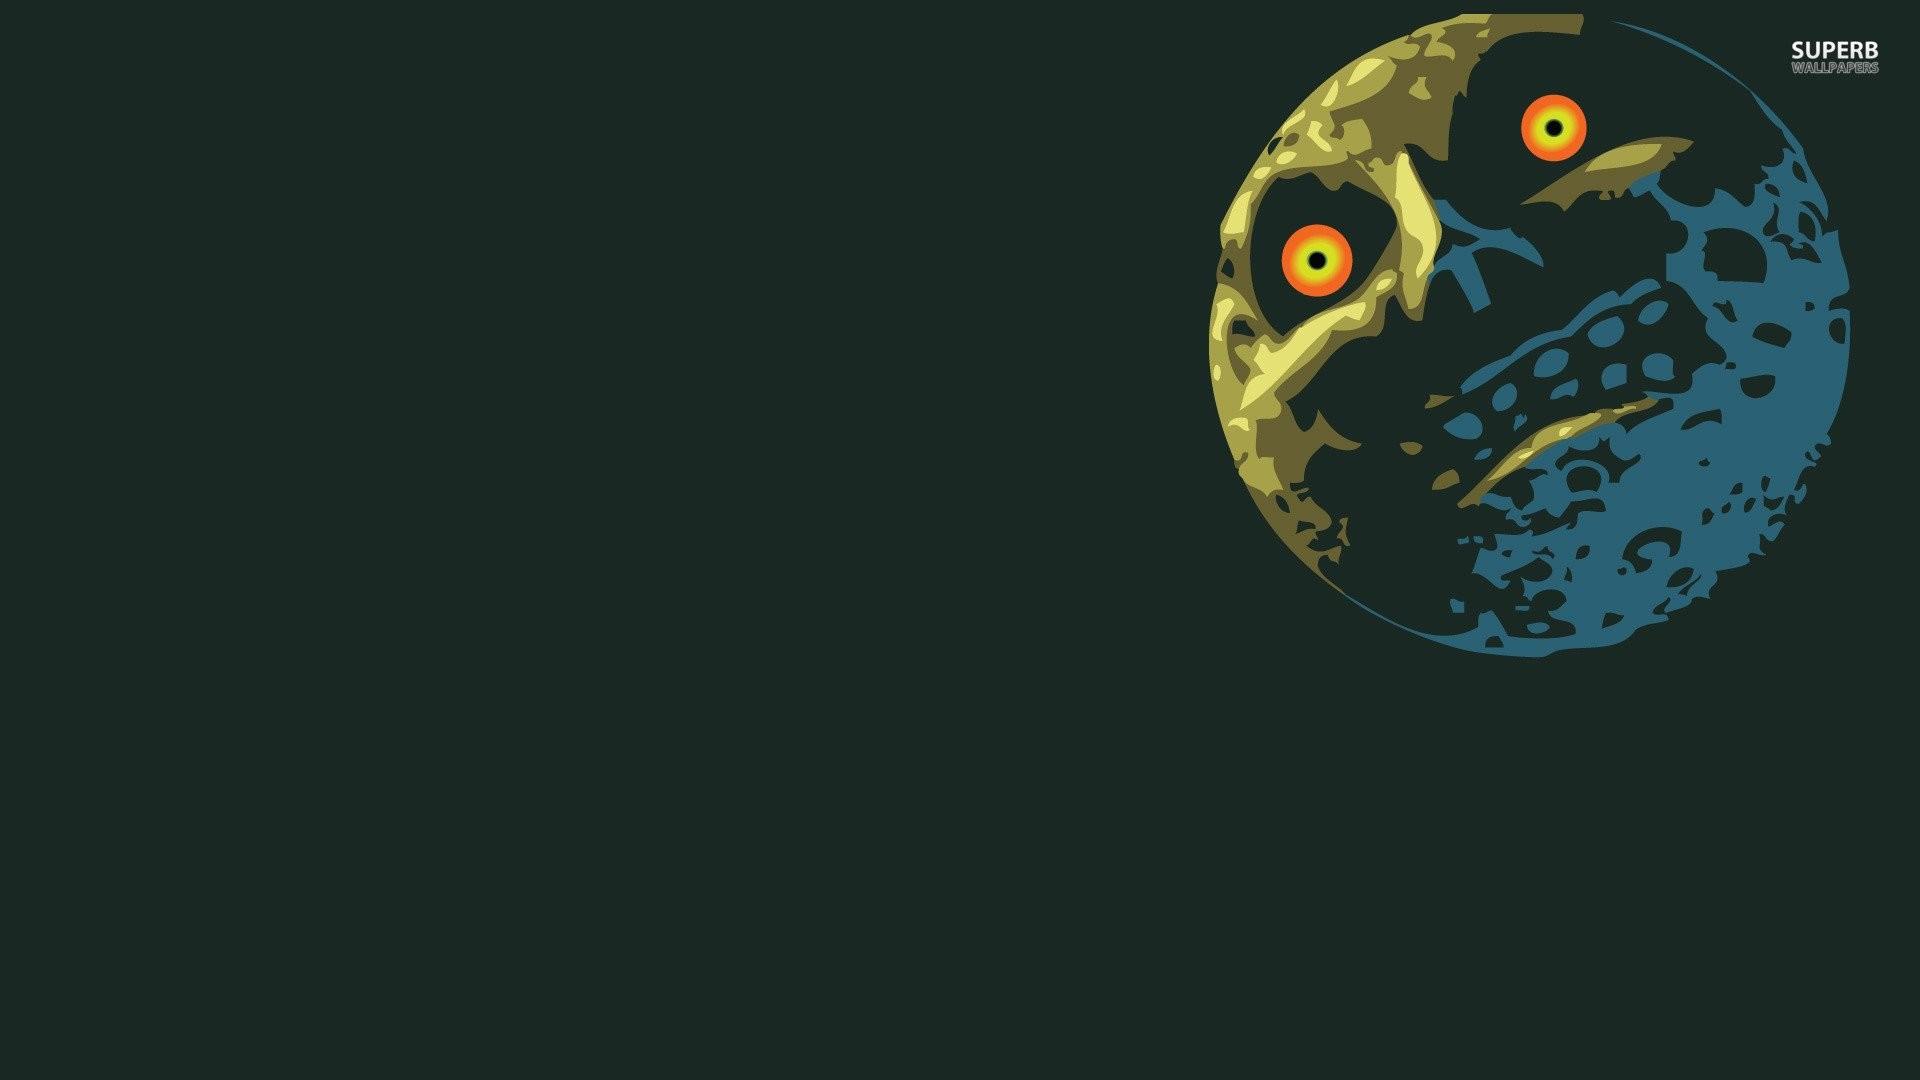 Moon – The Legend Of Zelda Majora's Mask